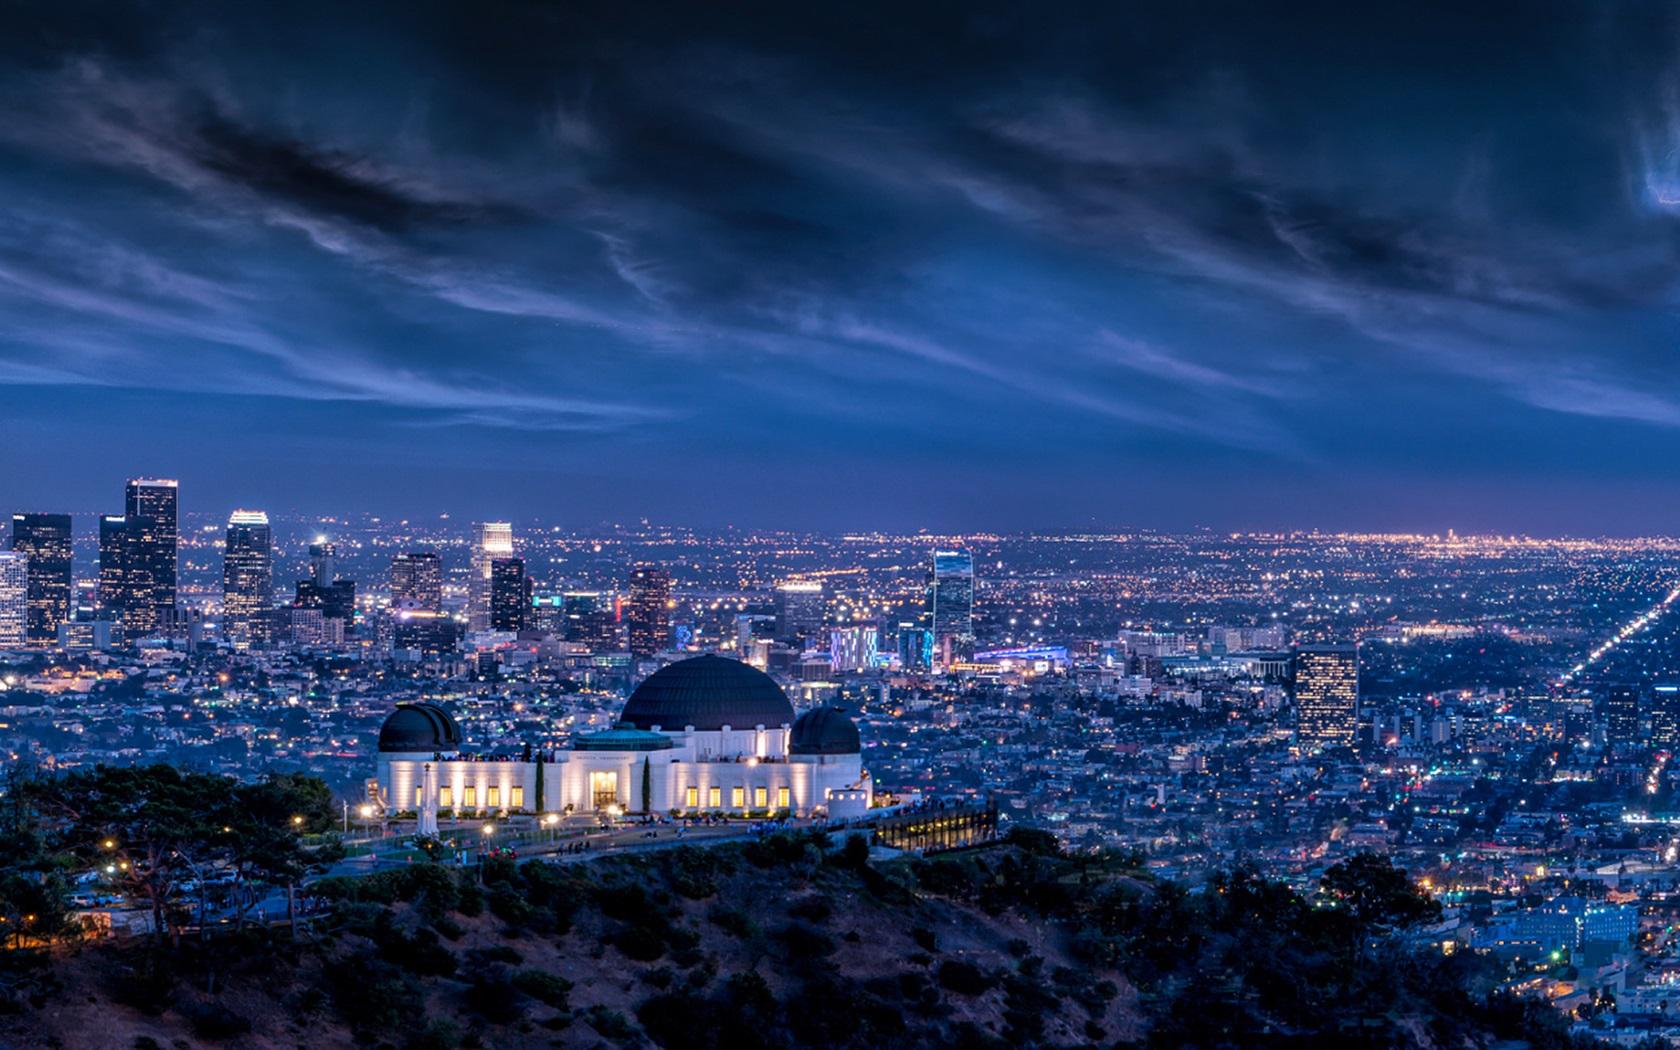 街並み 夜 嵐 ライト グリフィス天文台 ロサンゼルス アメリカ